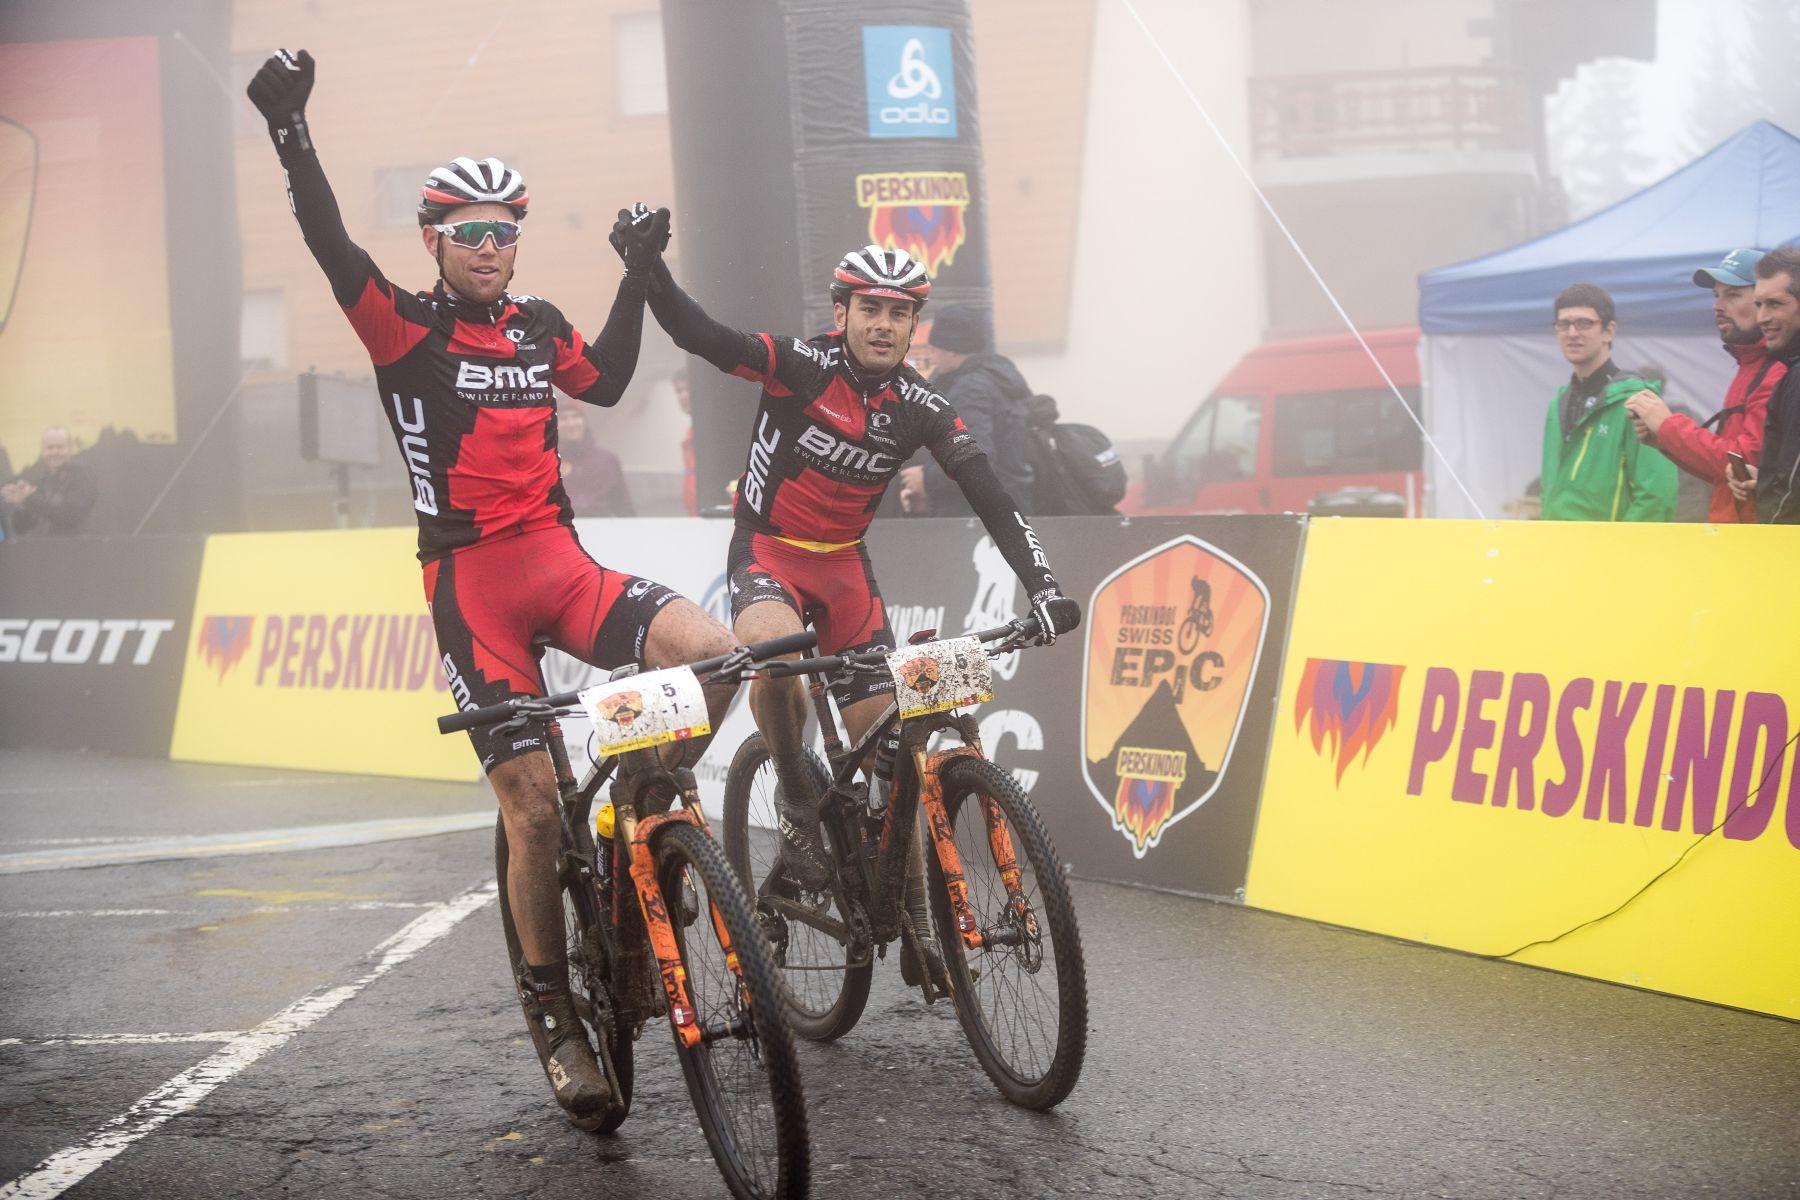 Han ganado más de la mitad de las etapas, así que ganadores sin paliativos de la general para el BMC